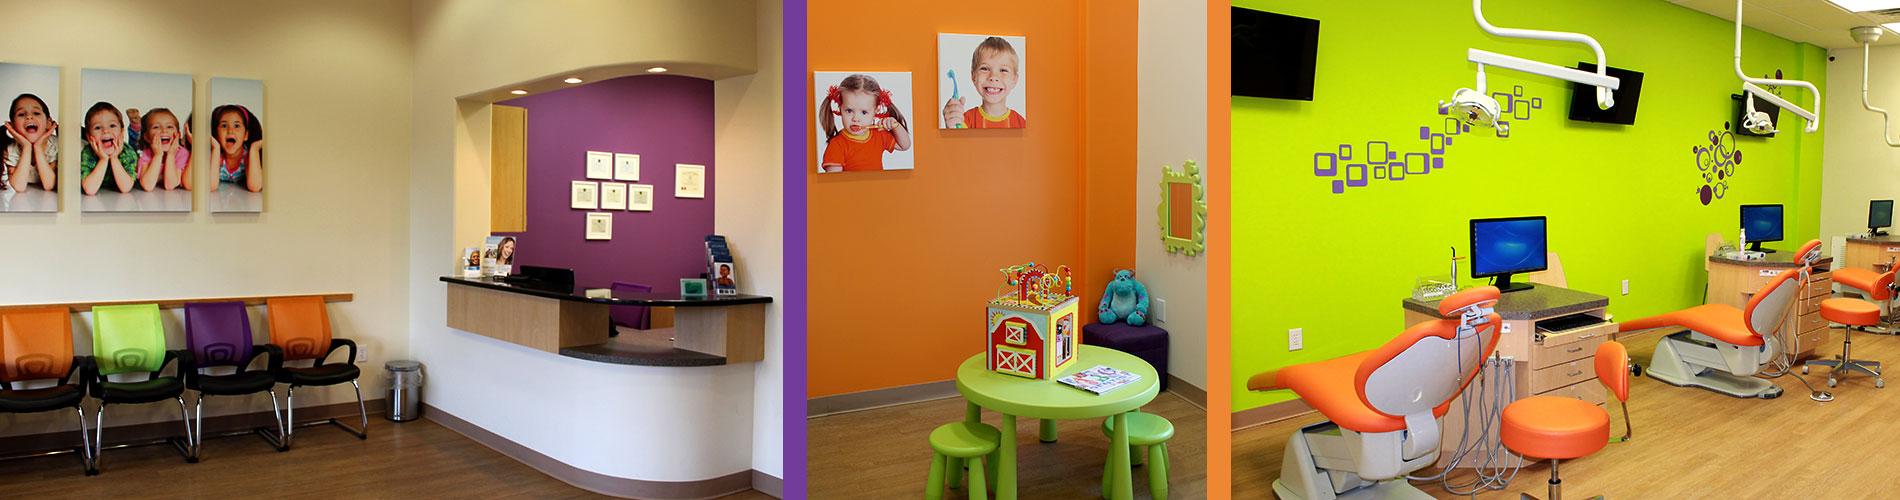 kids room in growing smiles